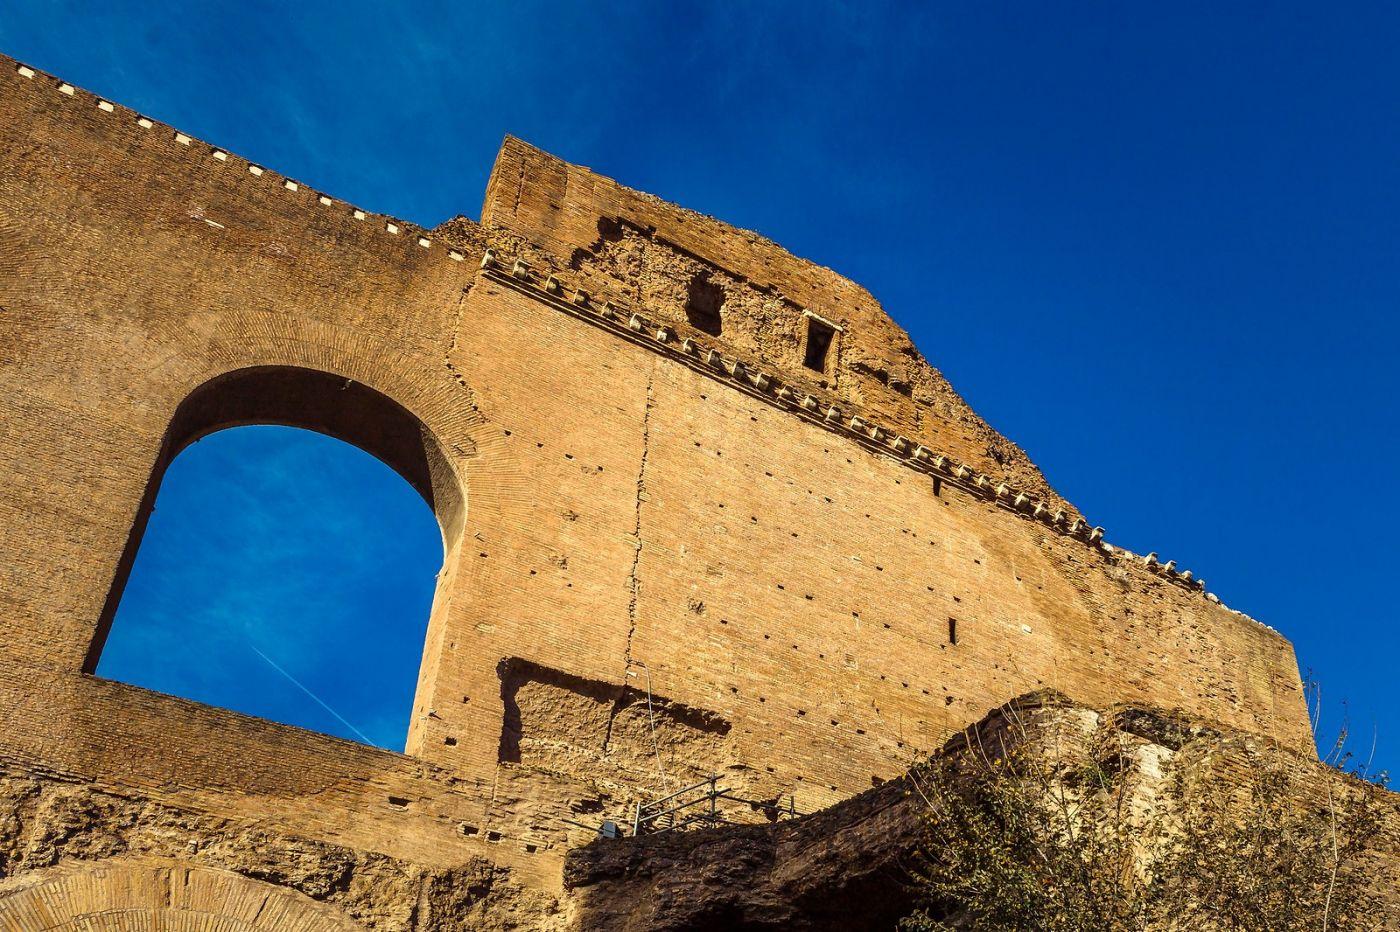 意大利罗马论坛,二千年的历史_图1-28